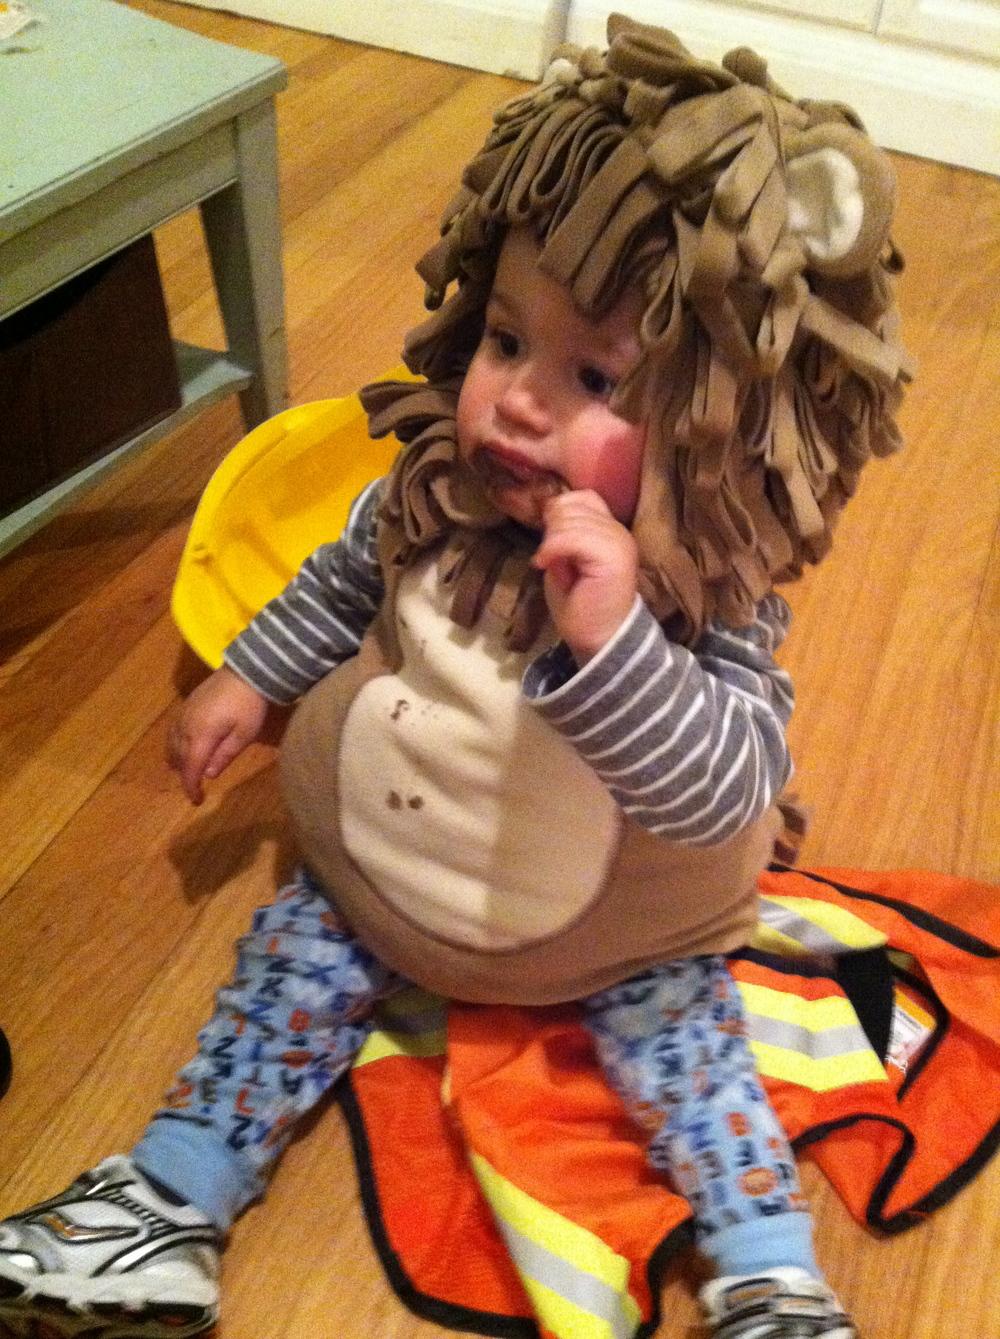 Judah and his Craigslist lion costume.